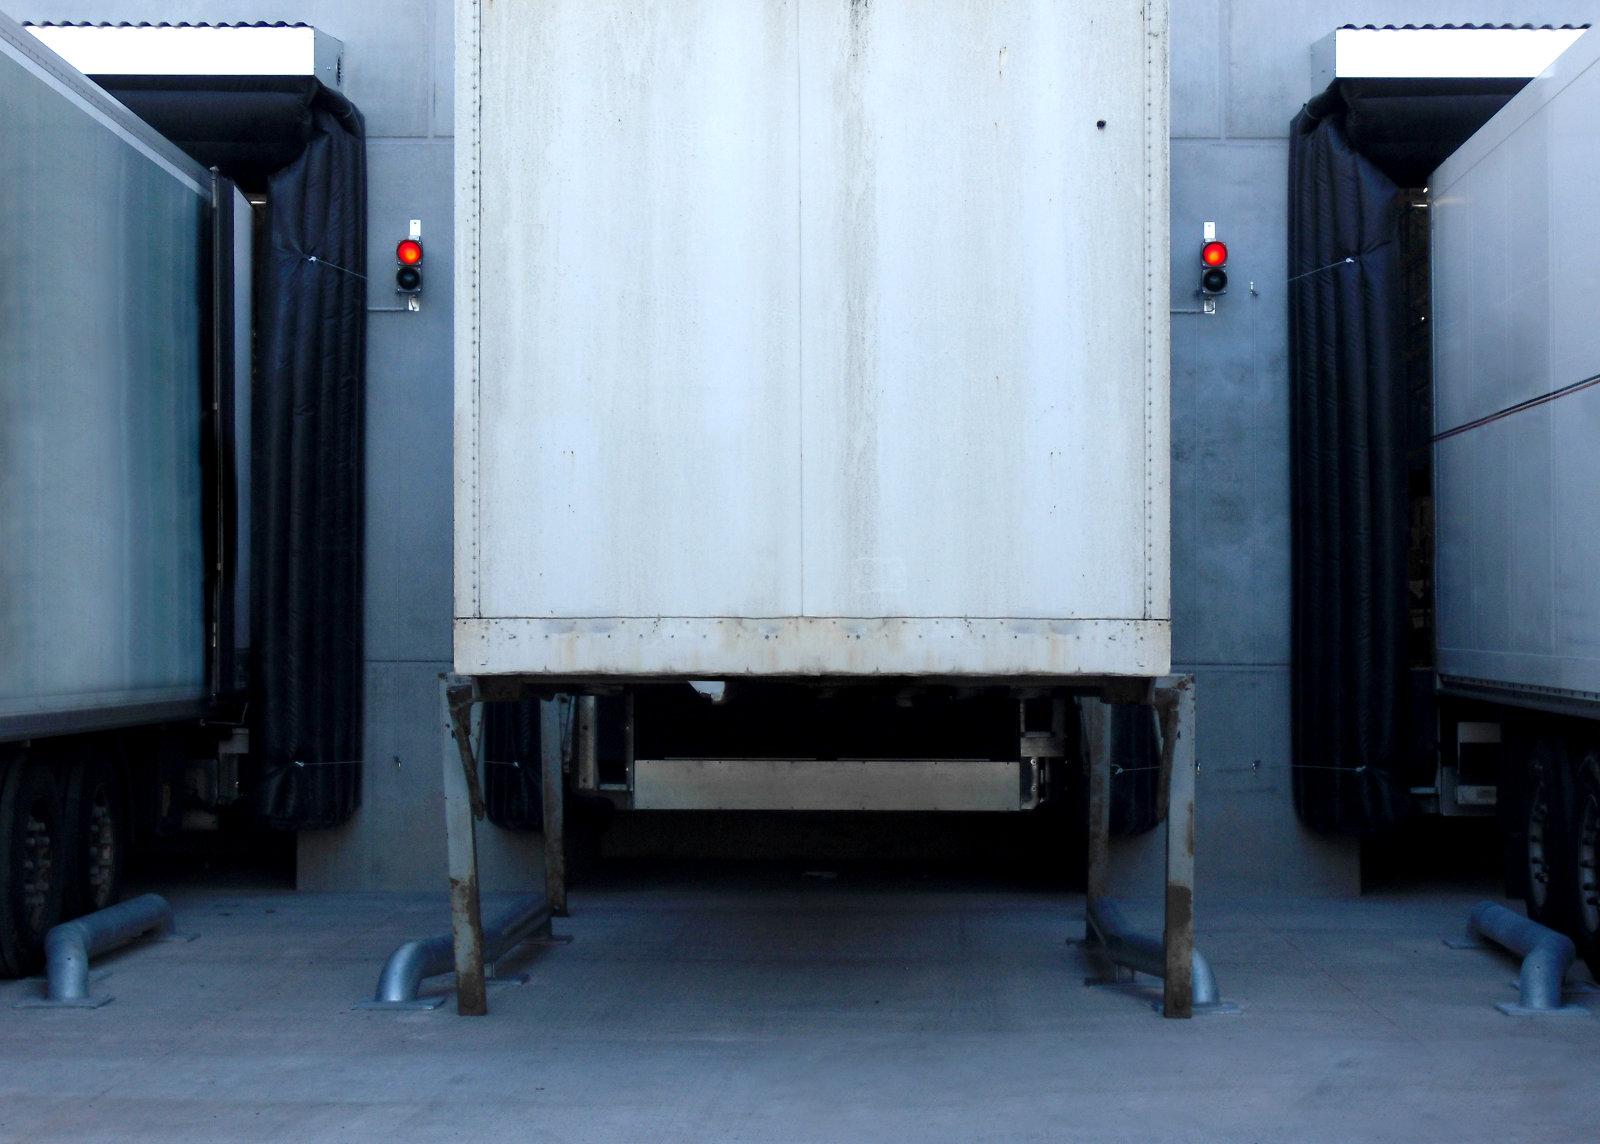 Lkw und Container über Einfahrhilfen rangiert